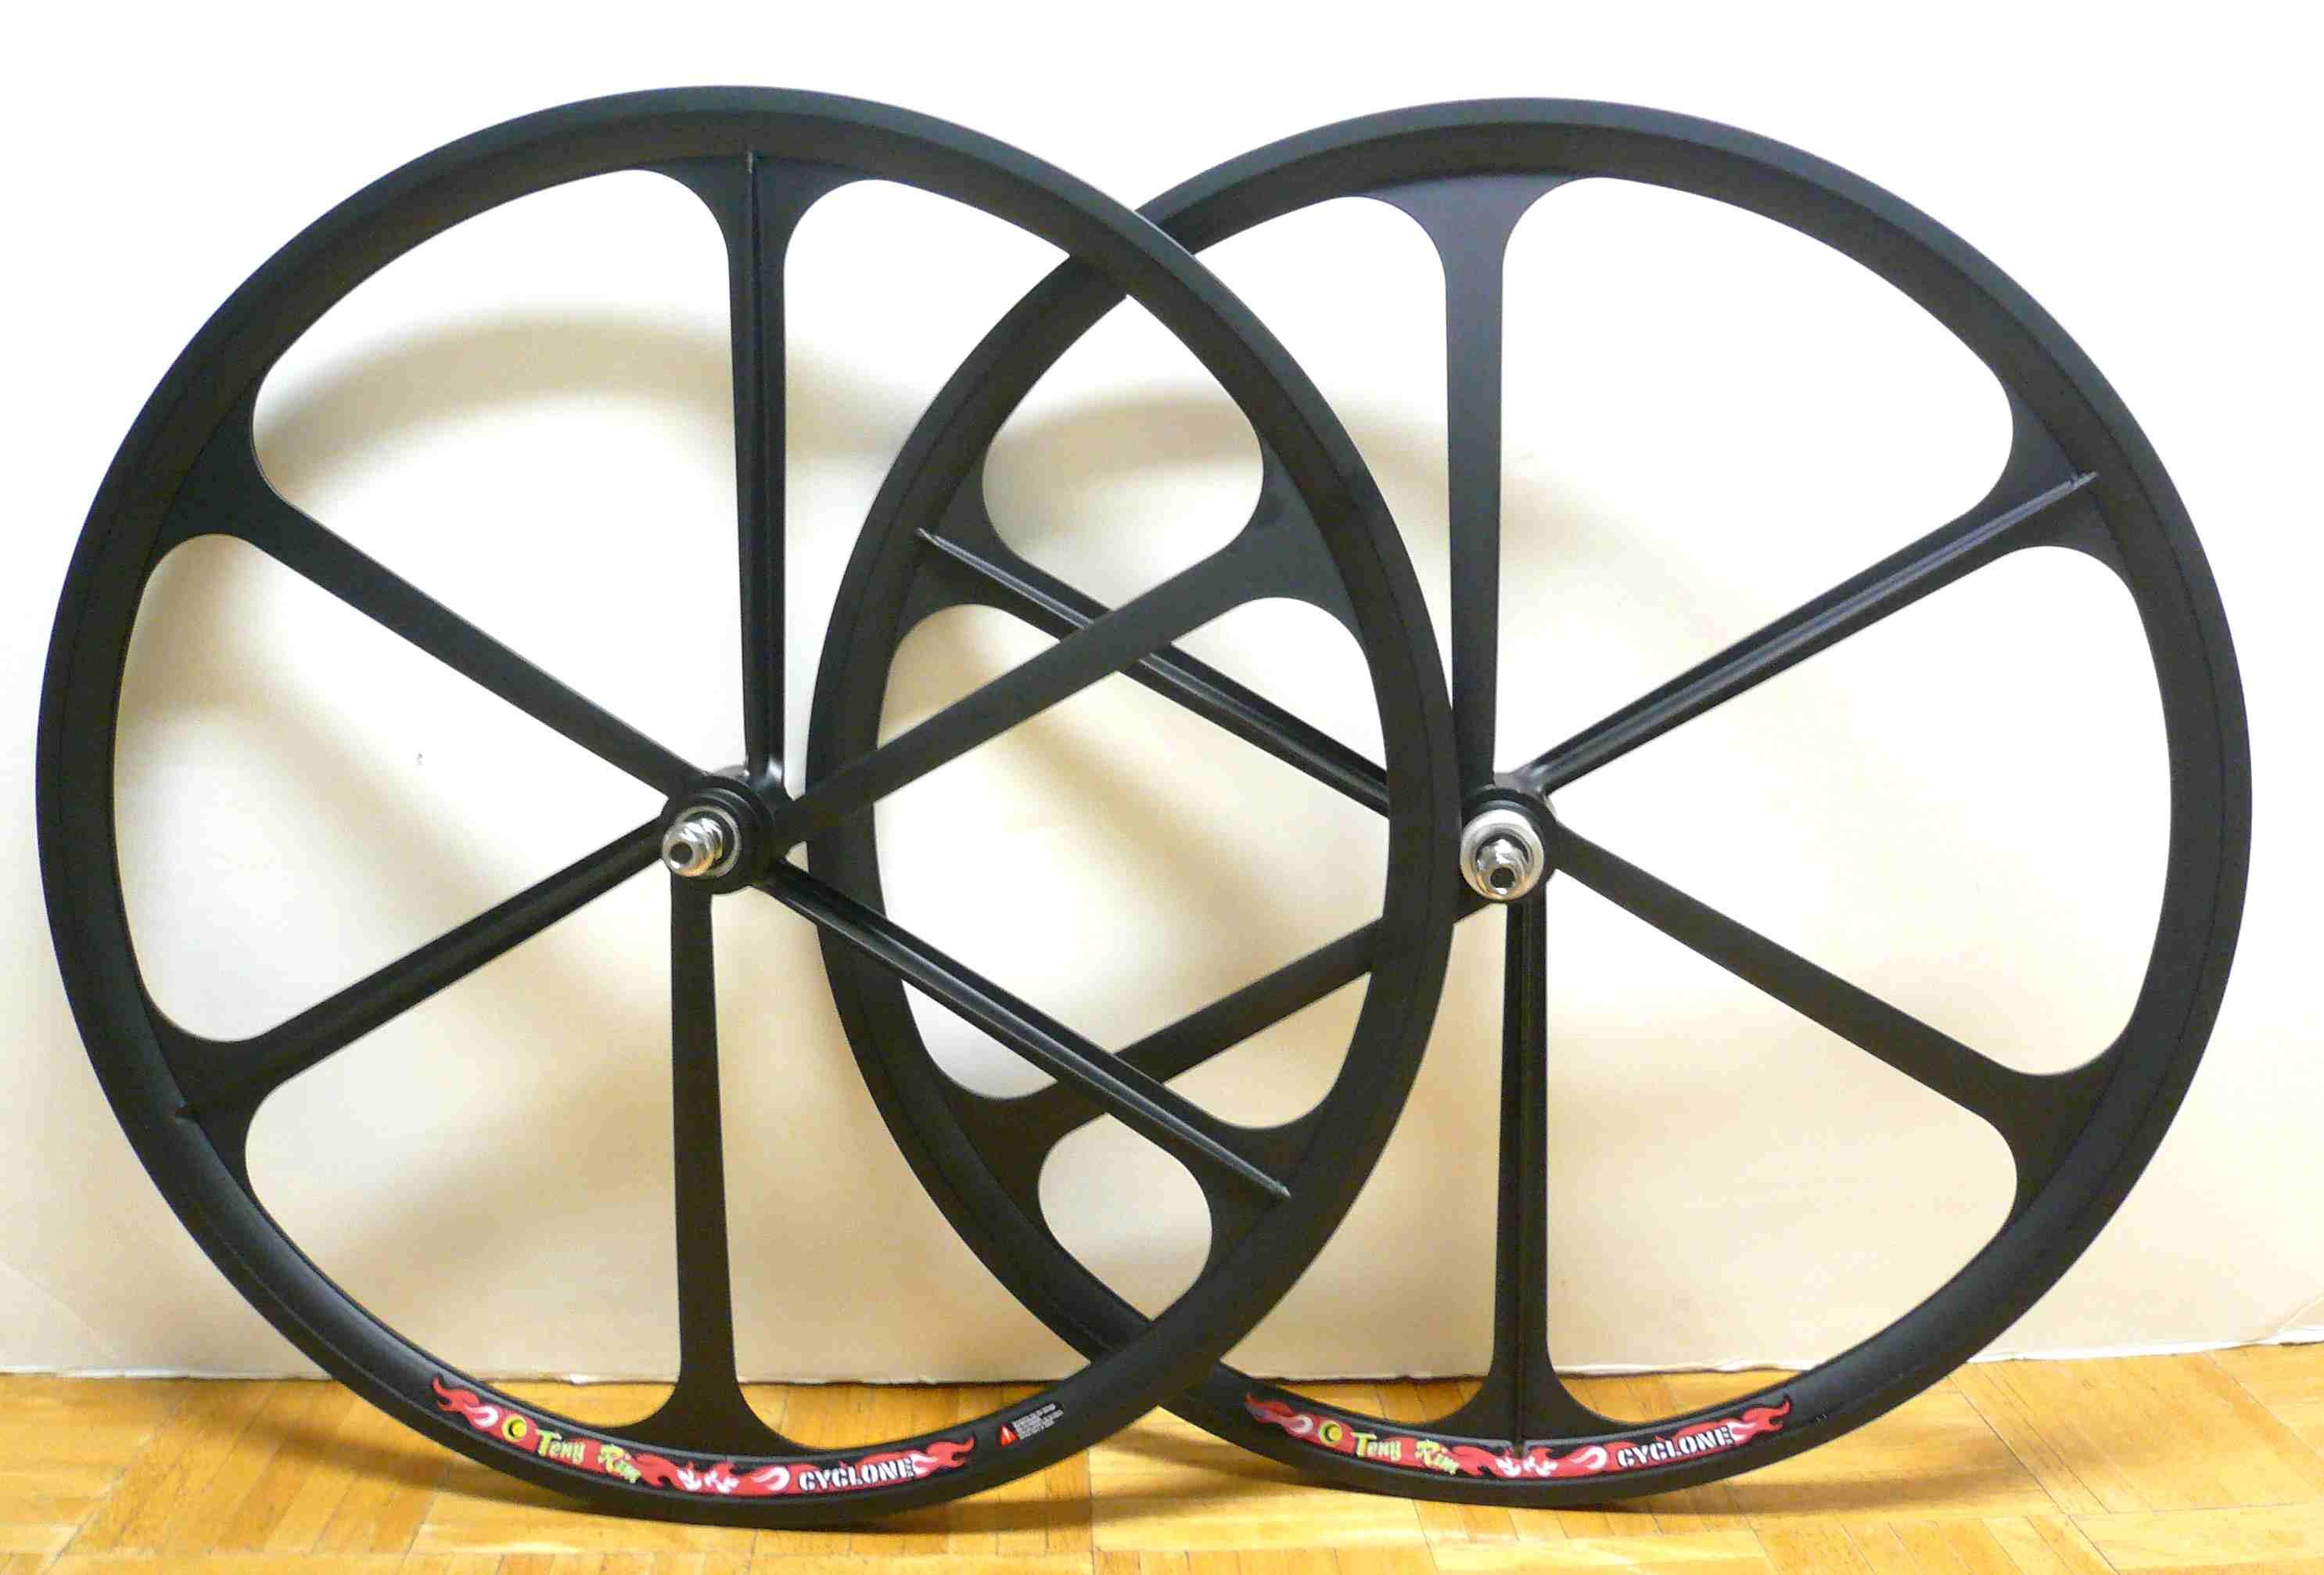 Bikes Rims Wheelset c Rims Front